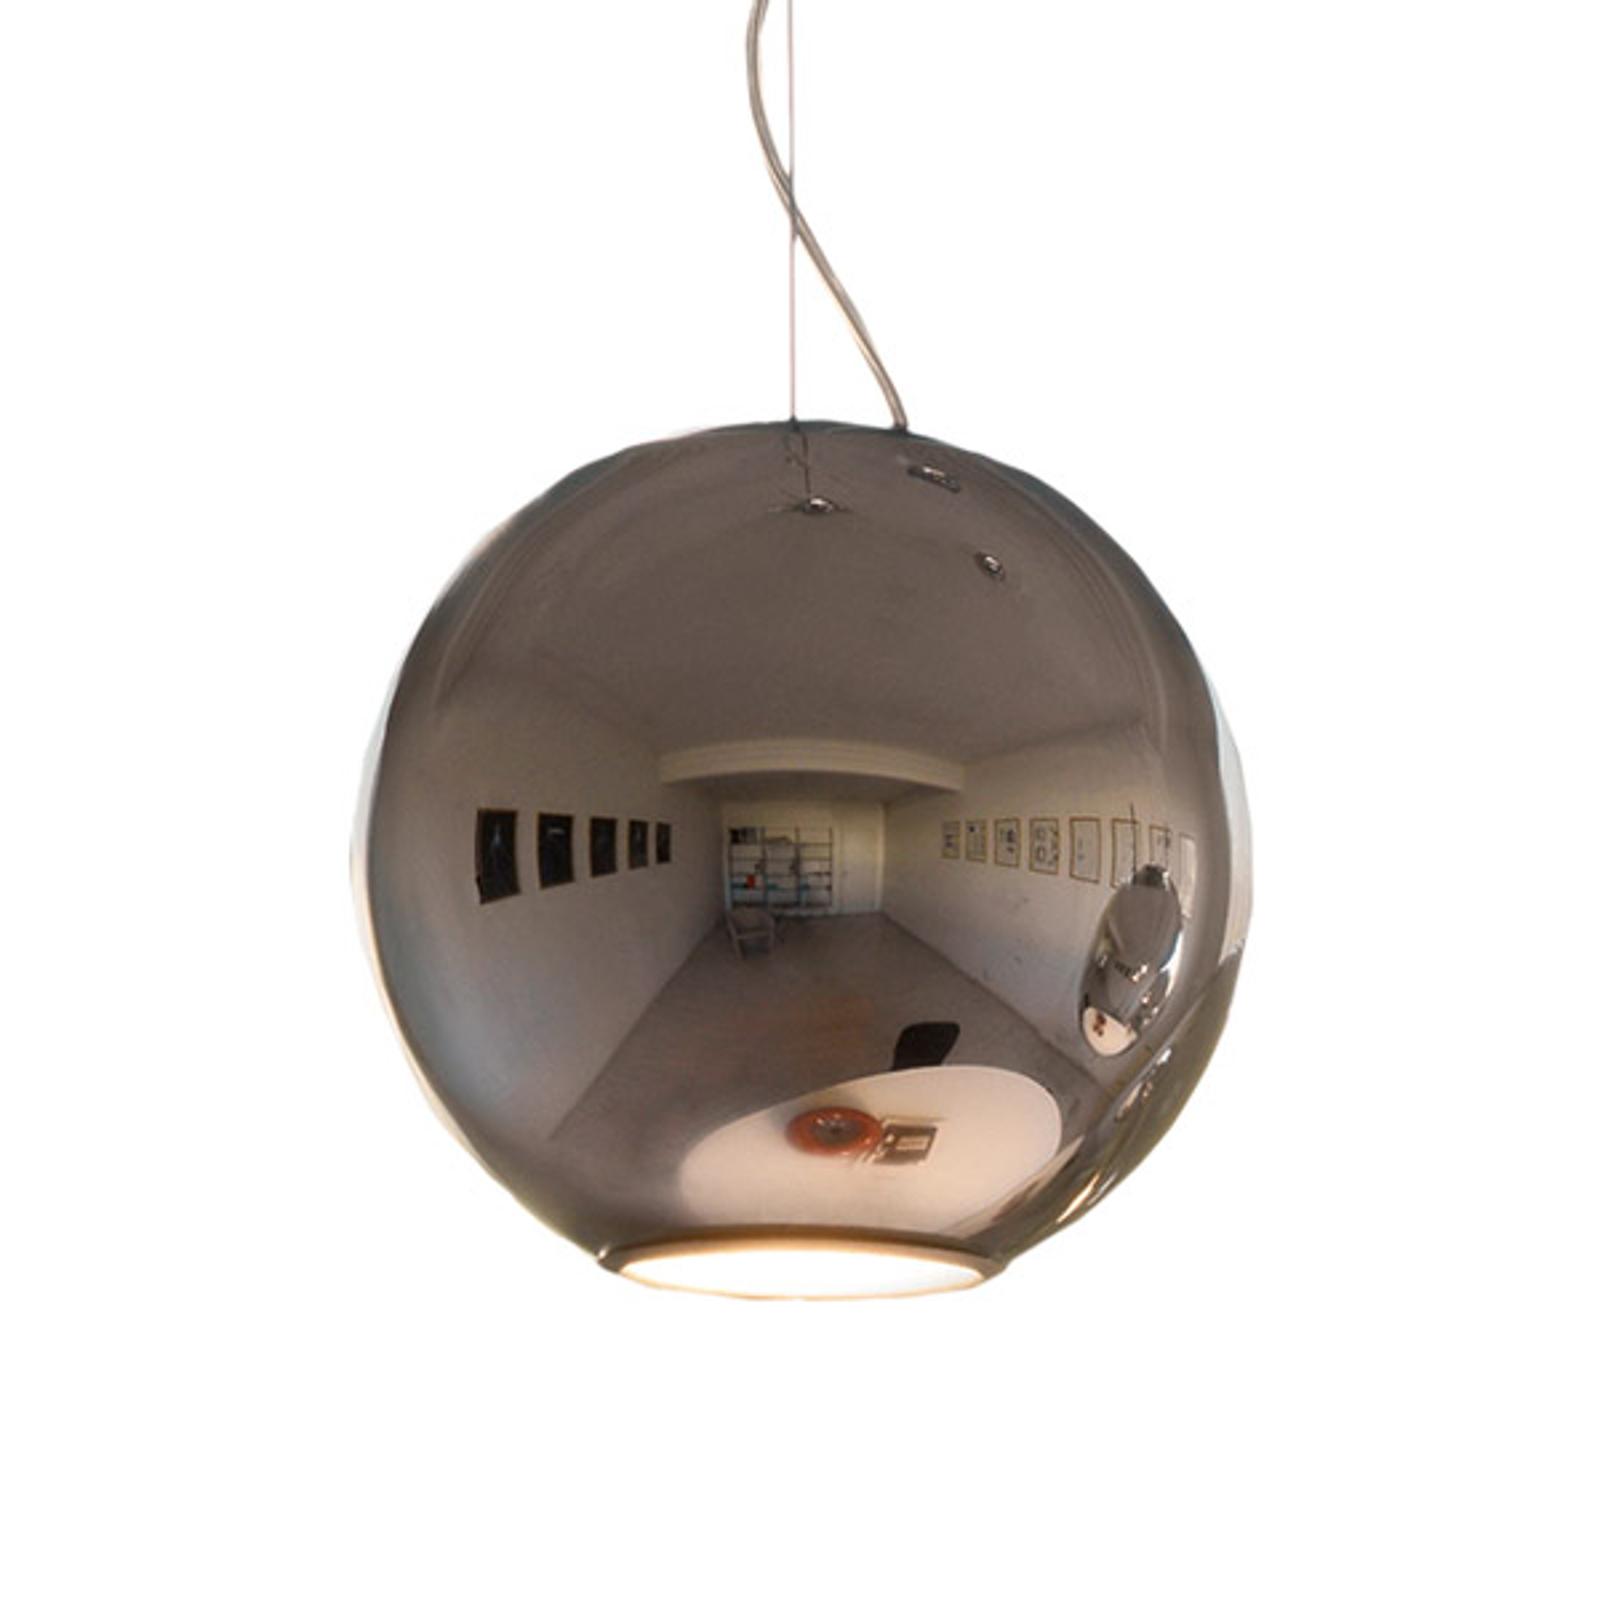 Design-hanglamp GLOBO DI LUCE - diameter 20 cm